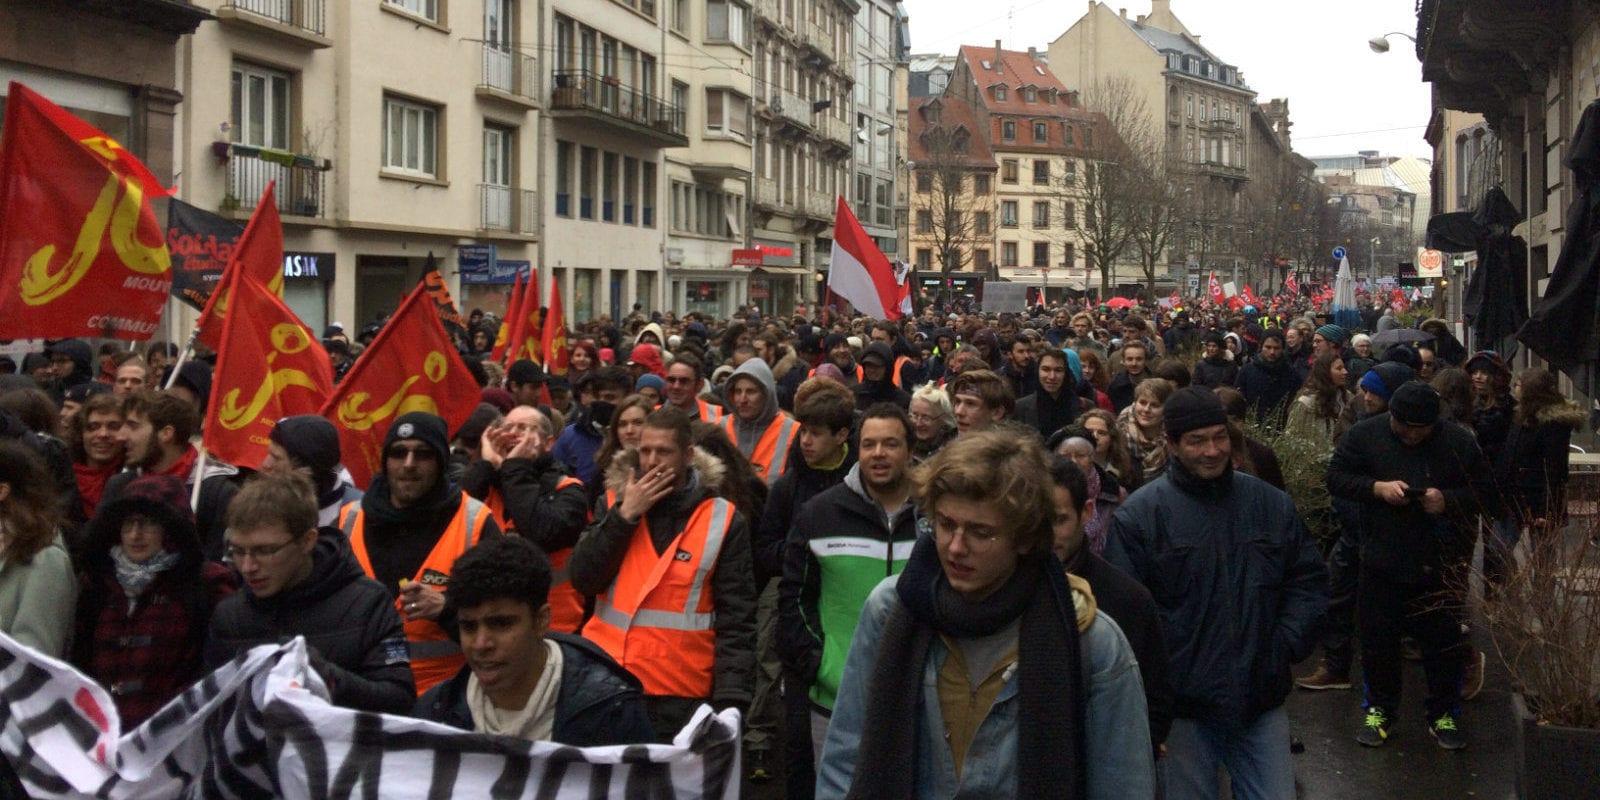 Plus de 3500 personnes manifestent «en défense du service public»